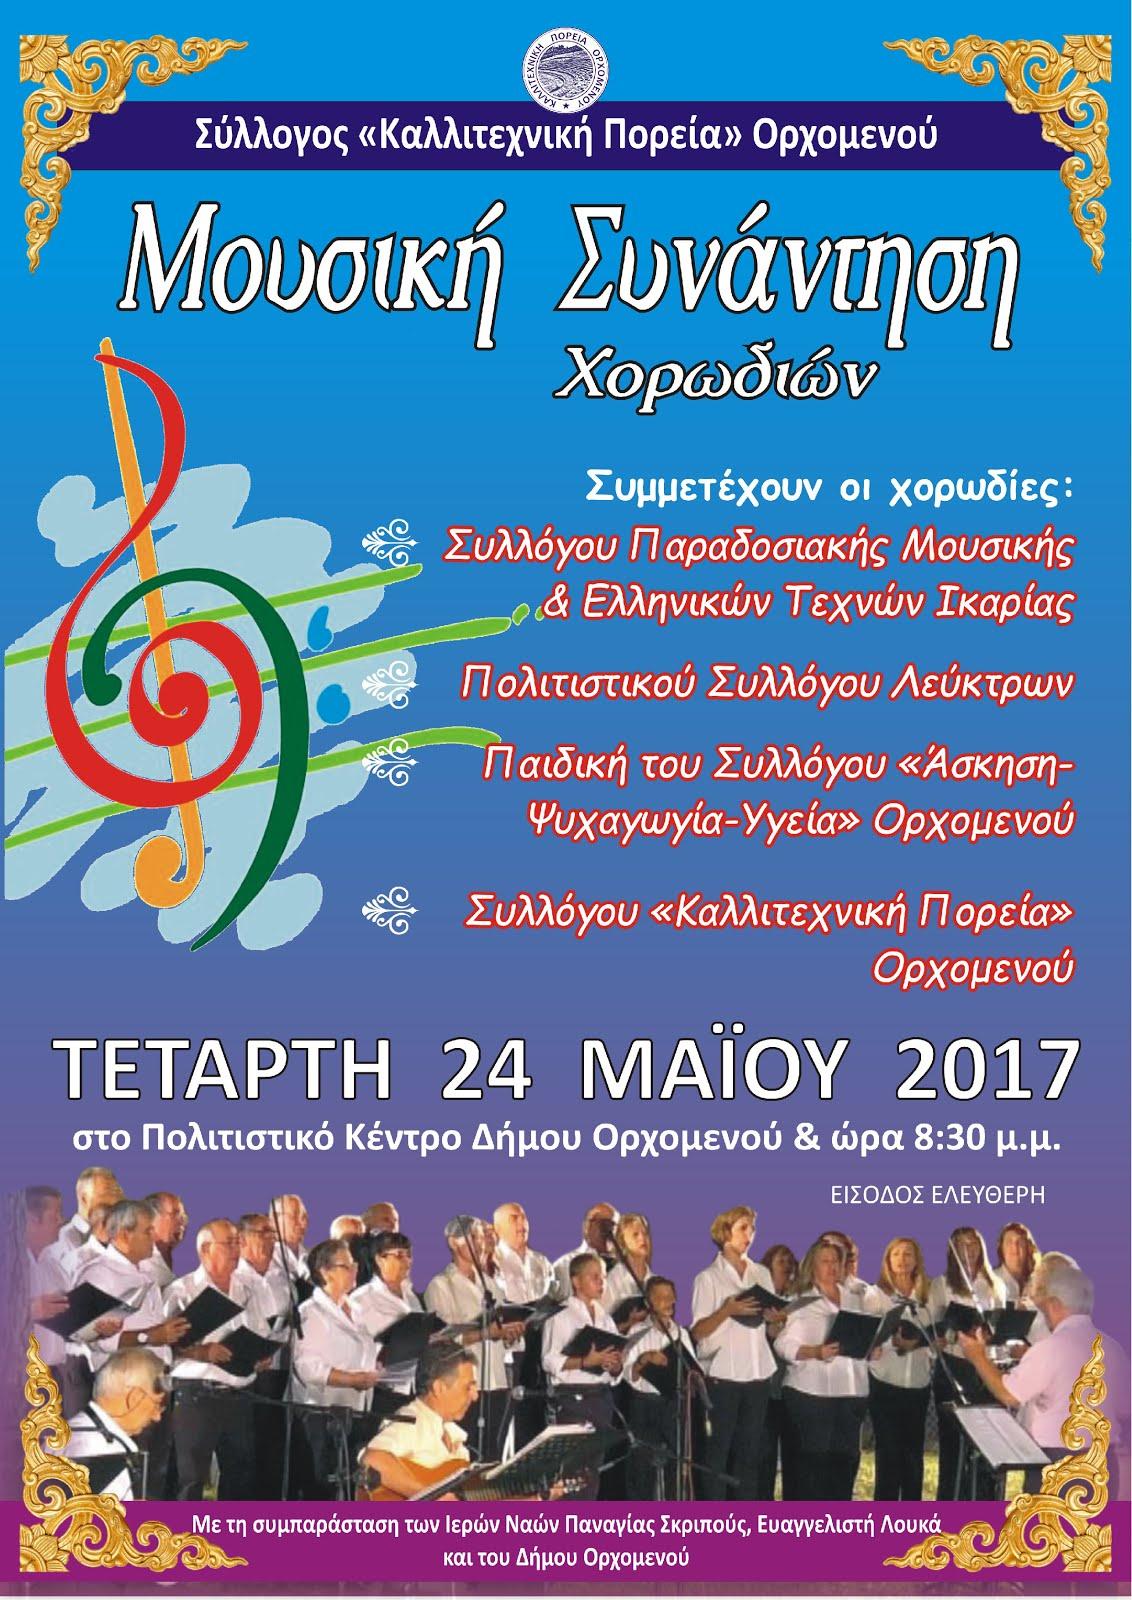 Μουσική Συνάντηση Χορωδιών στις 24 Μαϊου 2017 στο Πολιτιστικό Κέντρο Ορχομενού